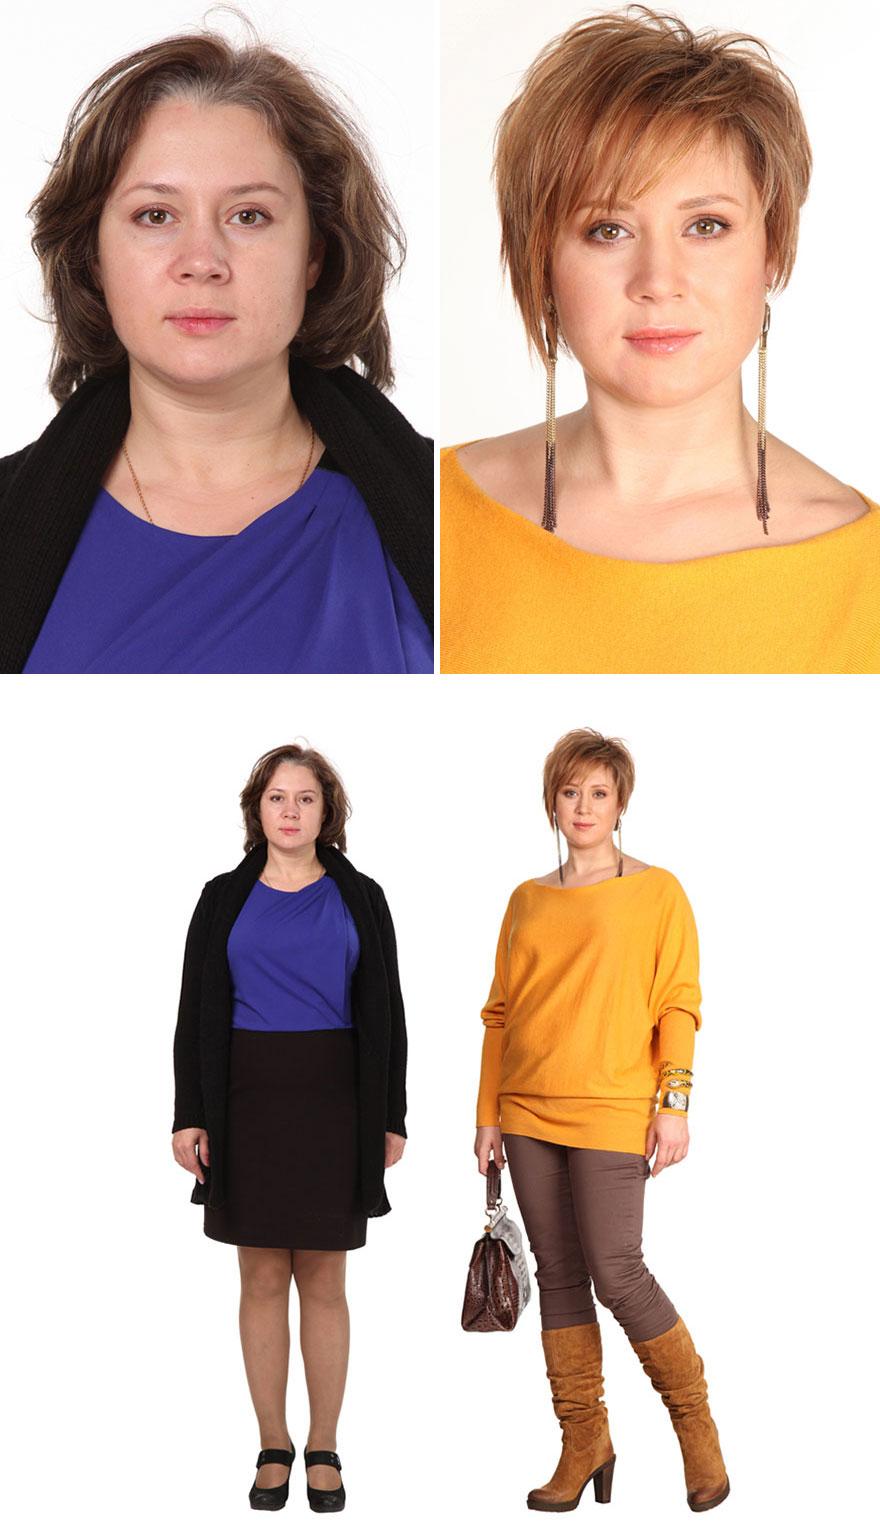 fotos-antes-despues-mujeres-cambio-estilo-bogomolov-11